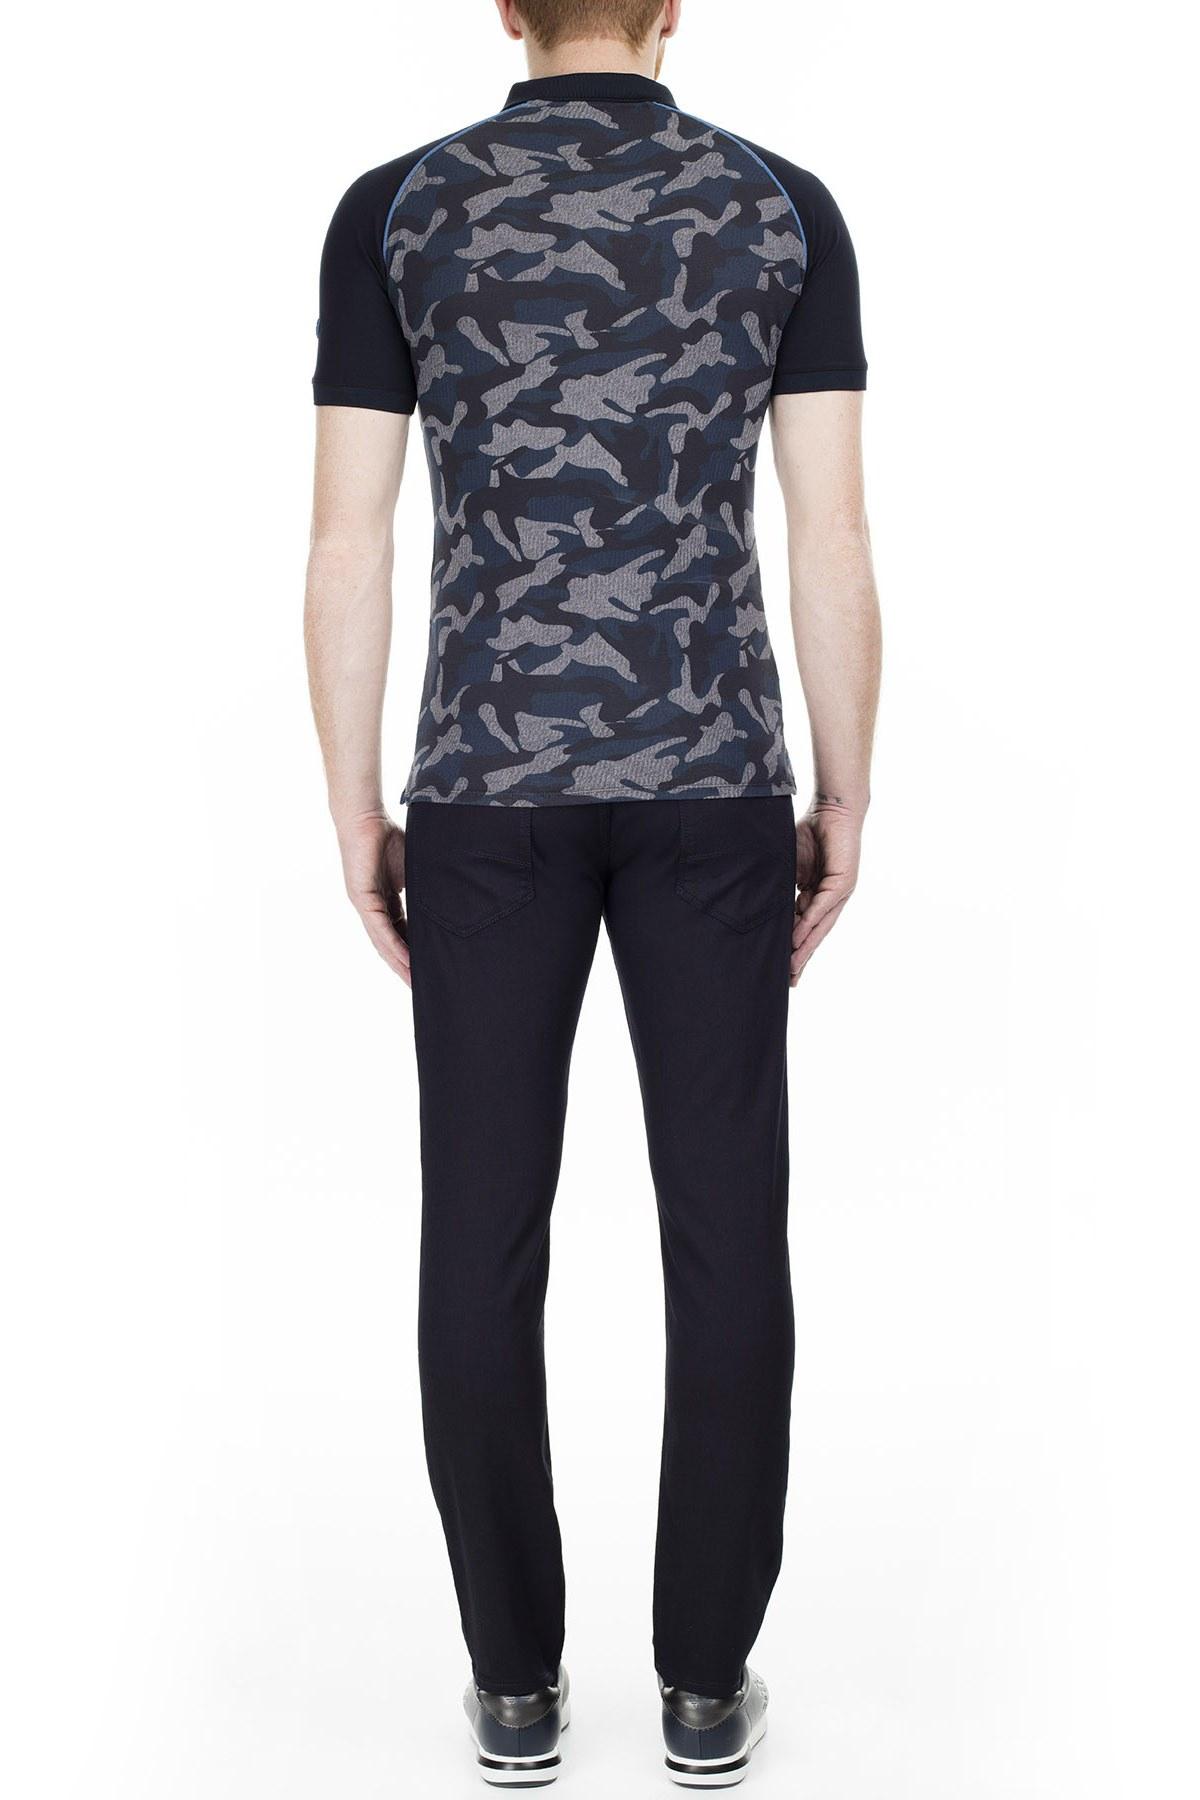 Armani J06 Jeans Erkek Pamuklu Pantolon 3Y6J06 6N00Z 0519 LACİVERT